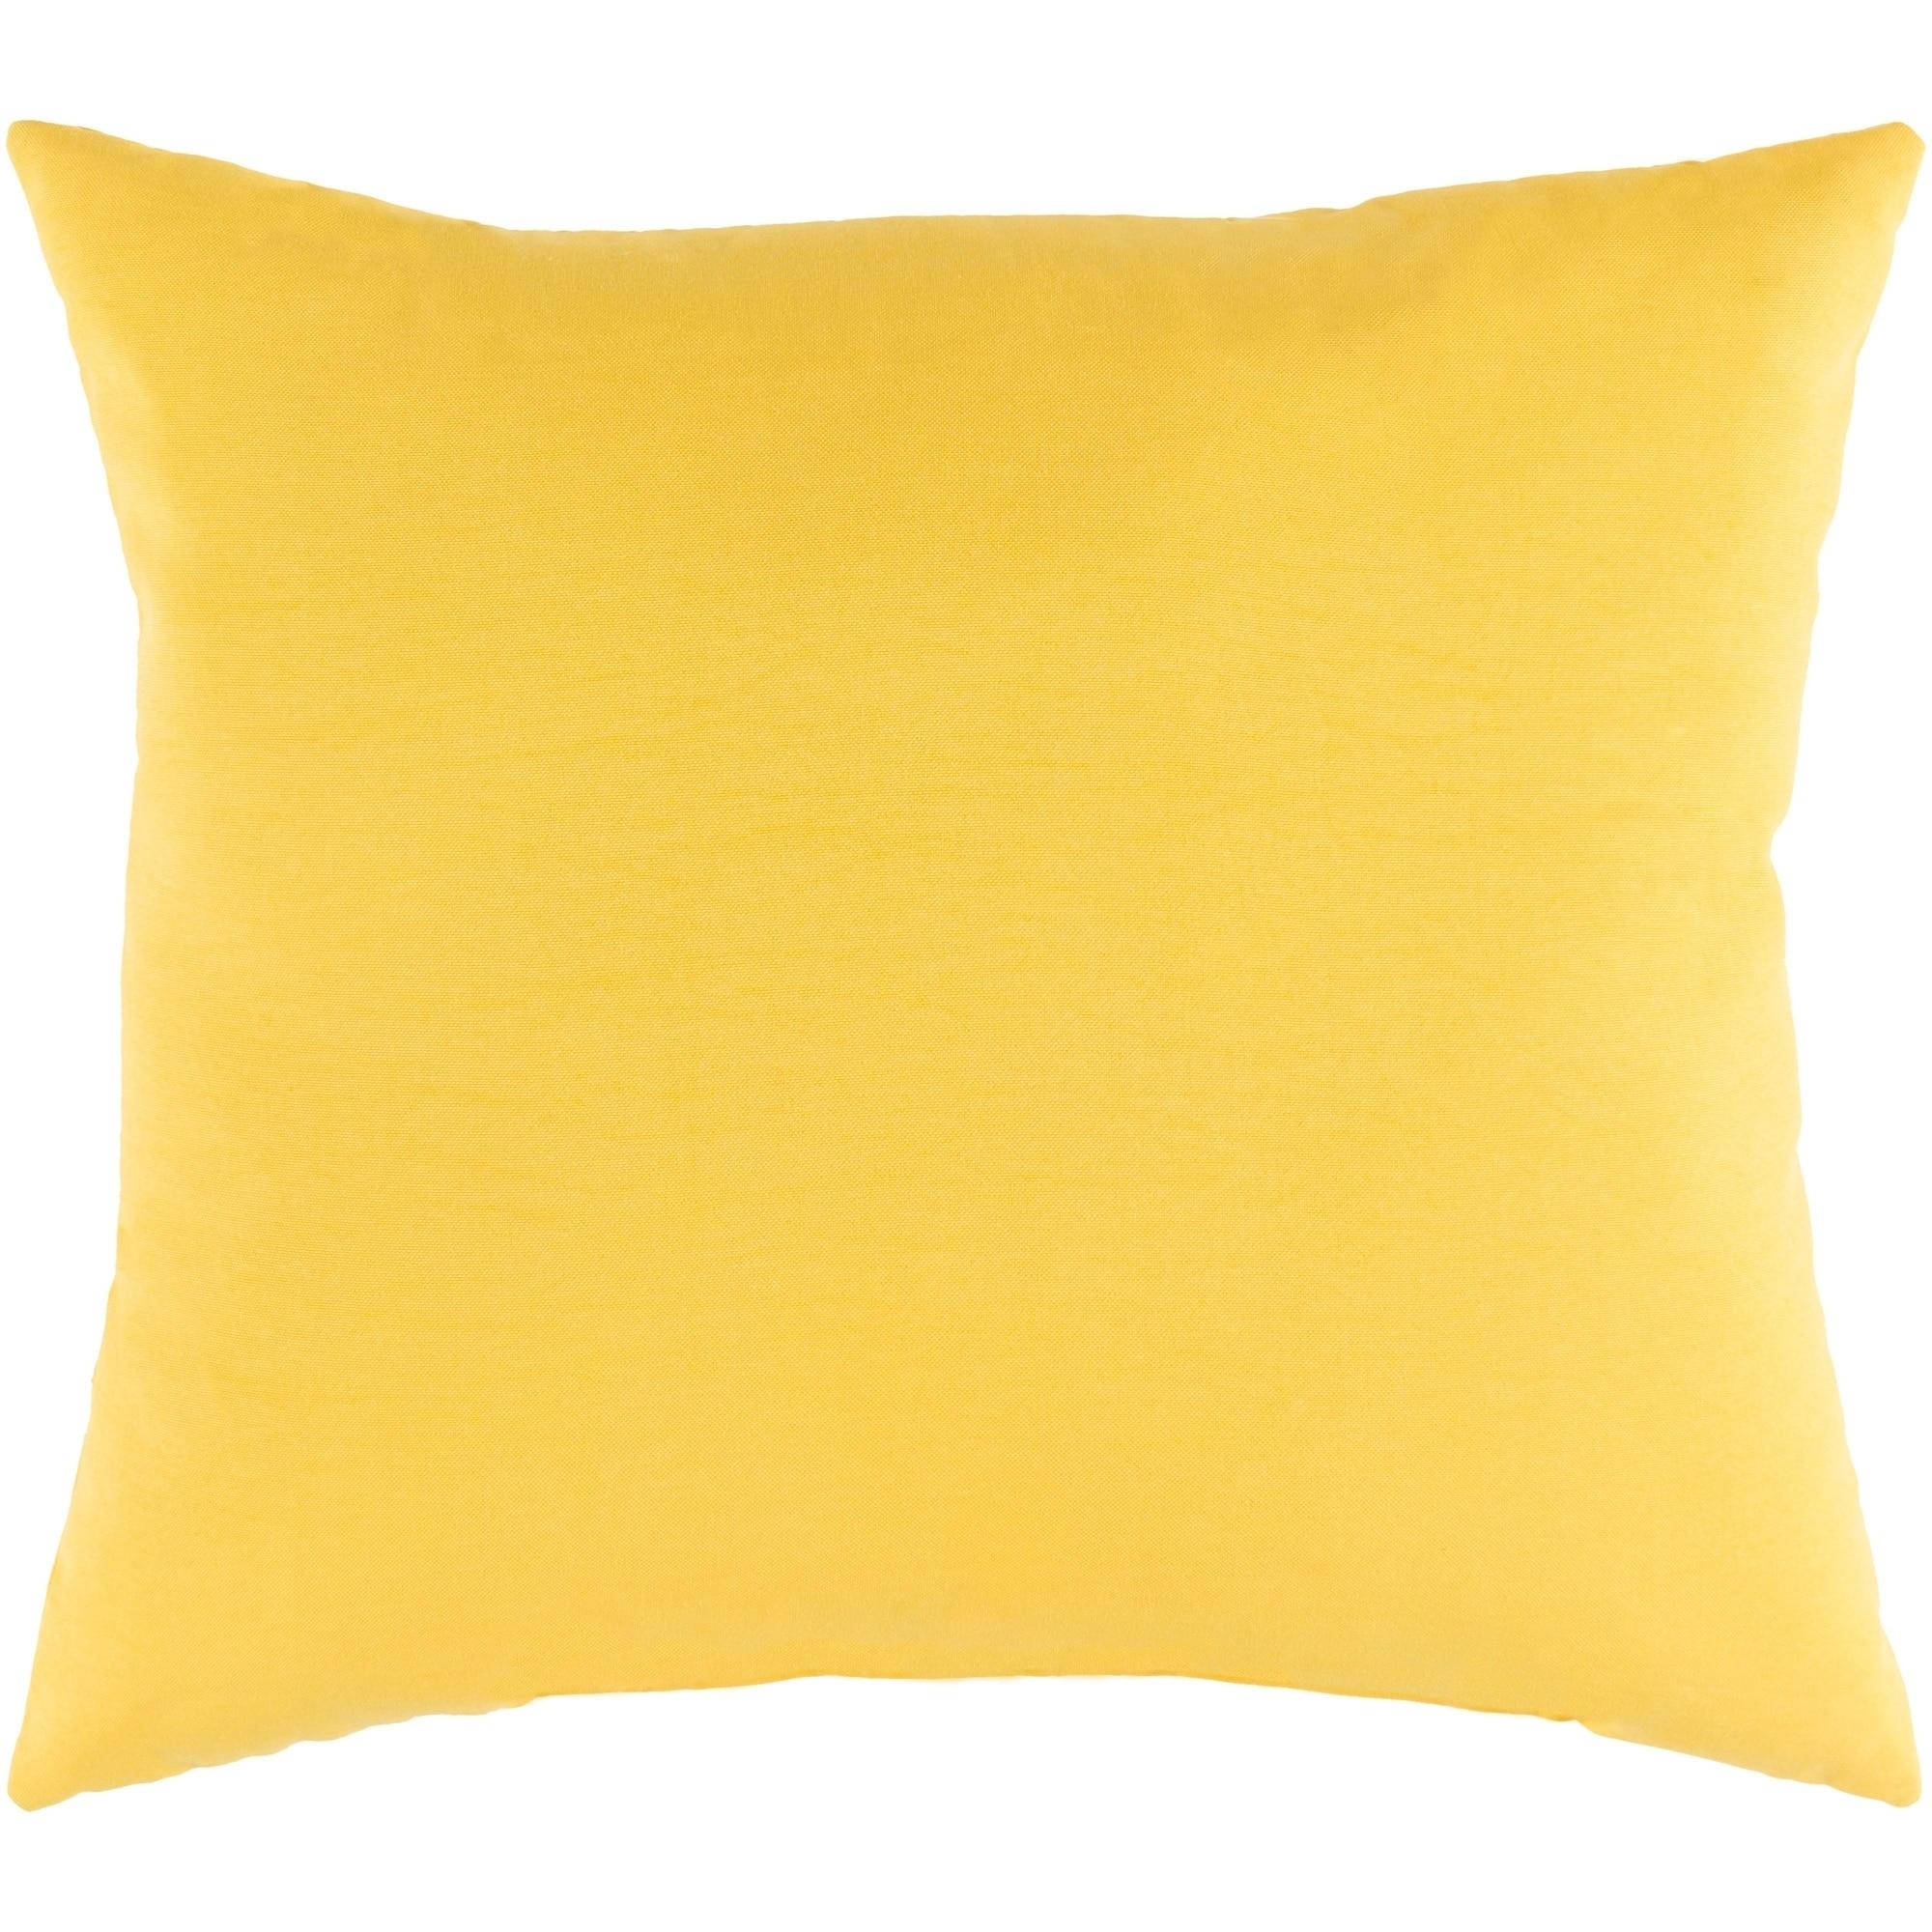 Shop Miguel Yellow Solid Indoor Outdoor Throw Pillow 16 X 16